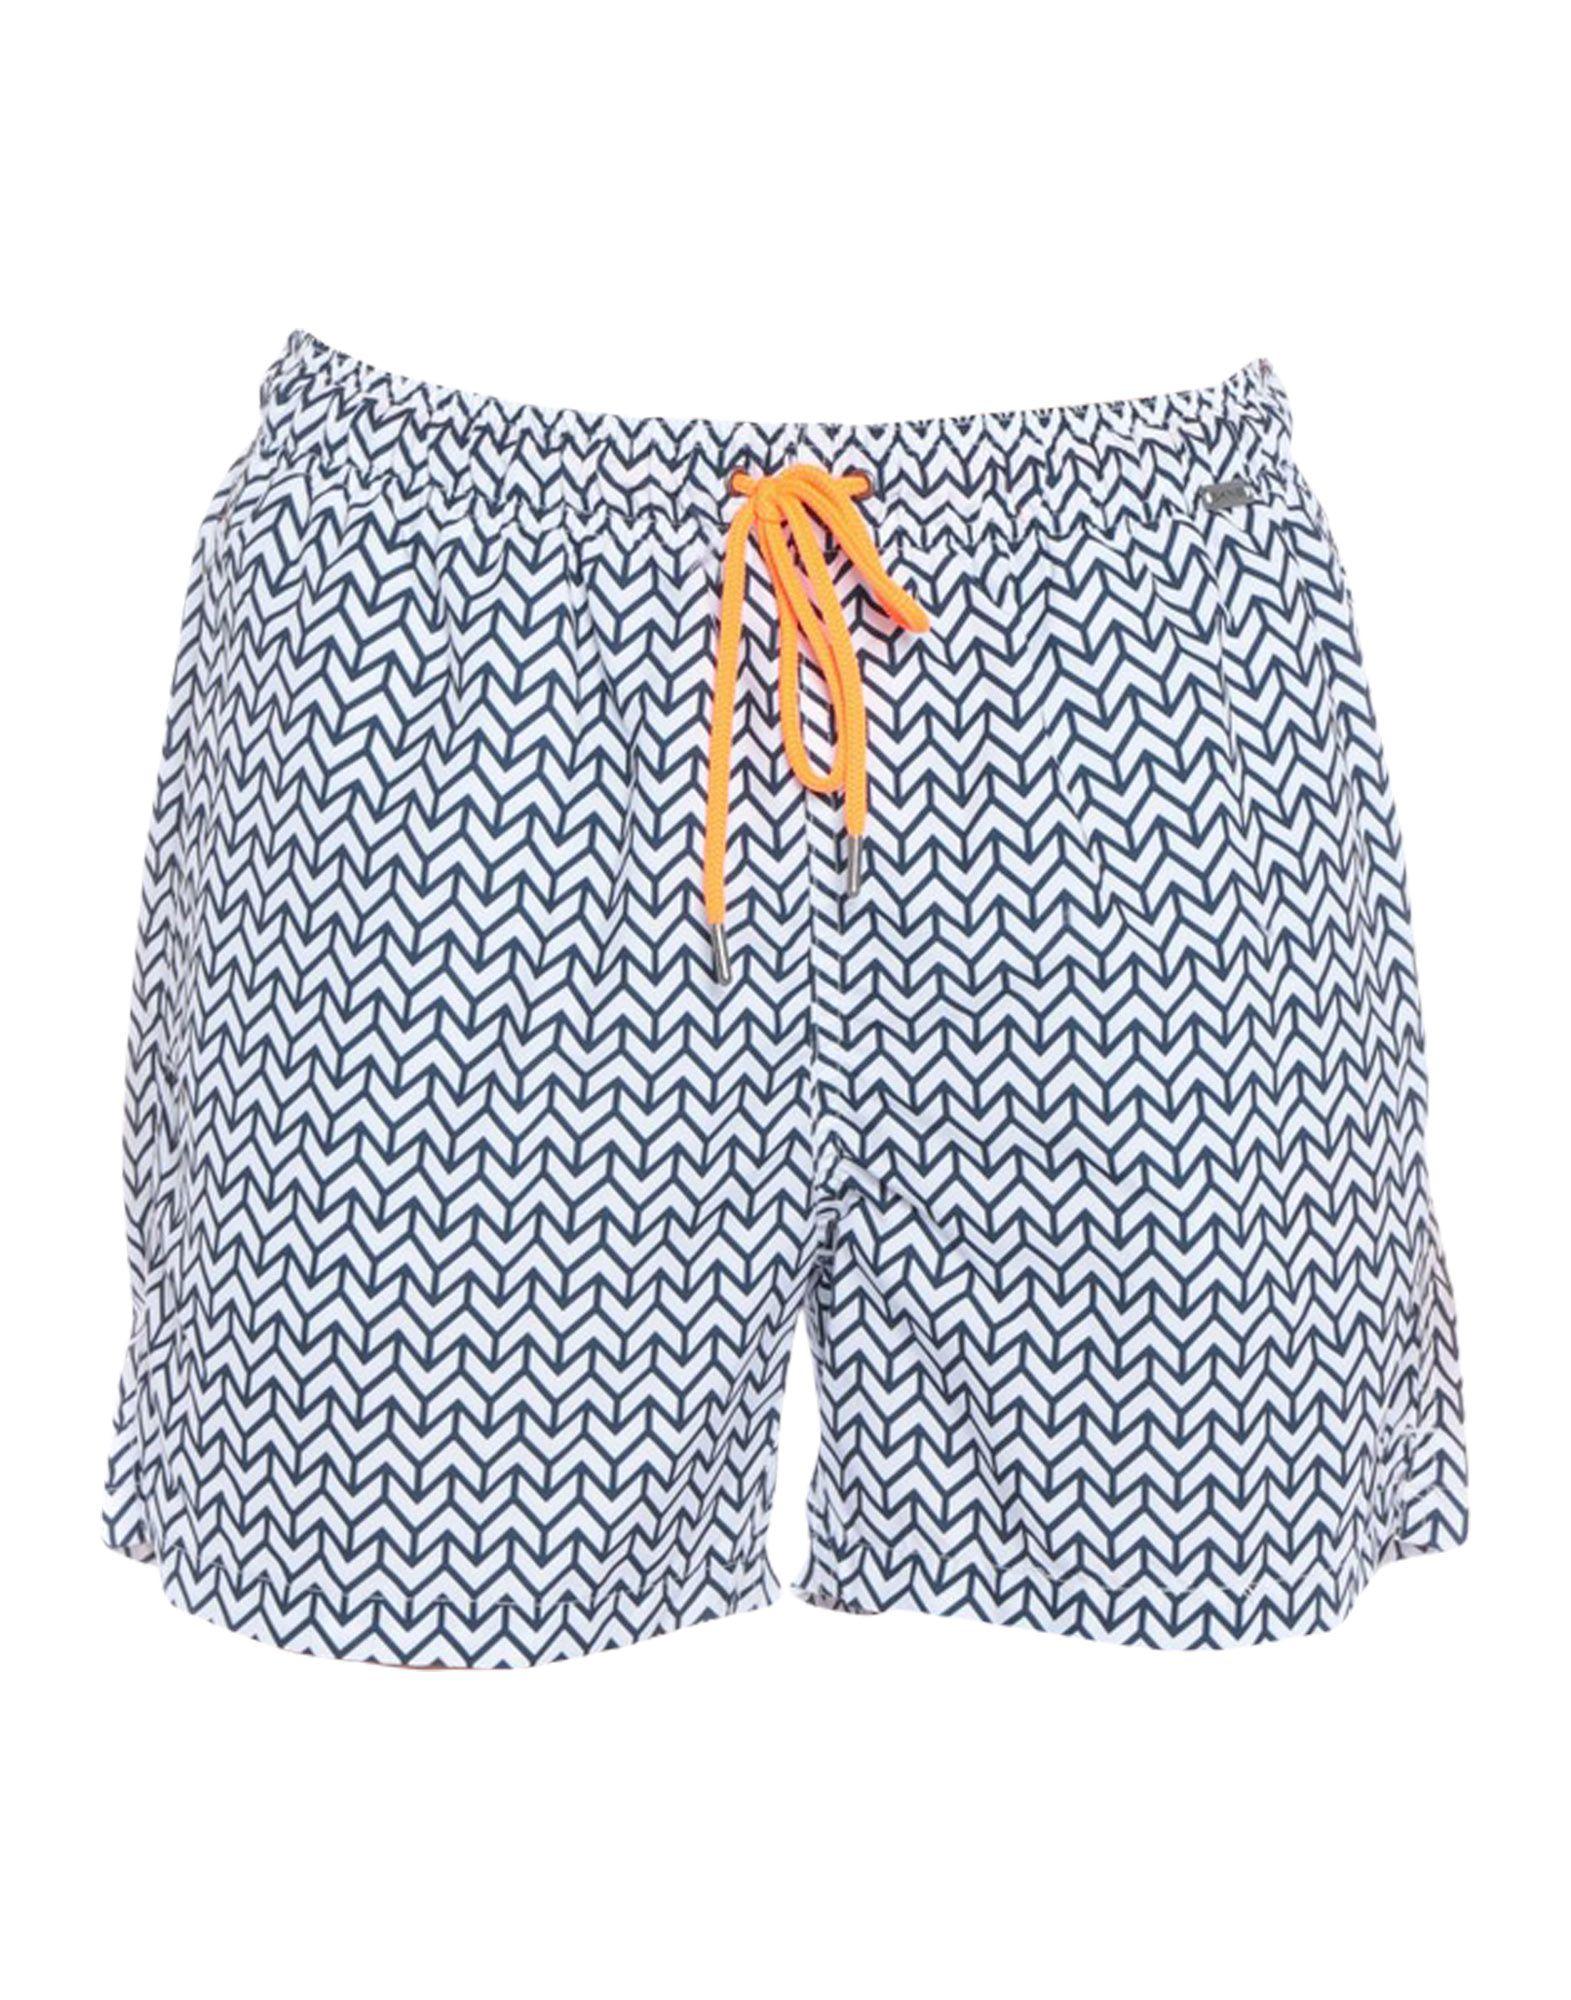 SKINY Шорты для плавания skiny advantage cotton 2 шт в упаковке трусики хипстер кремовый розовый